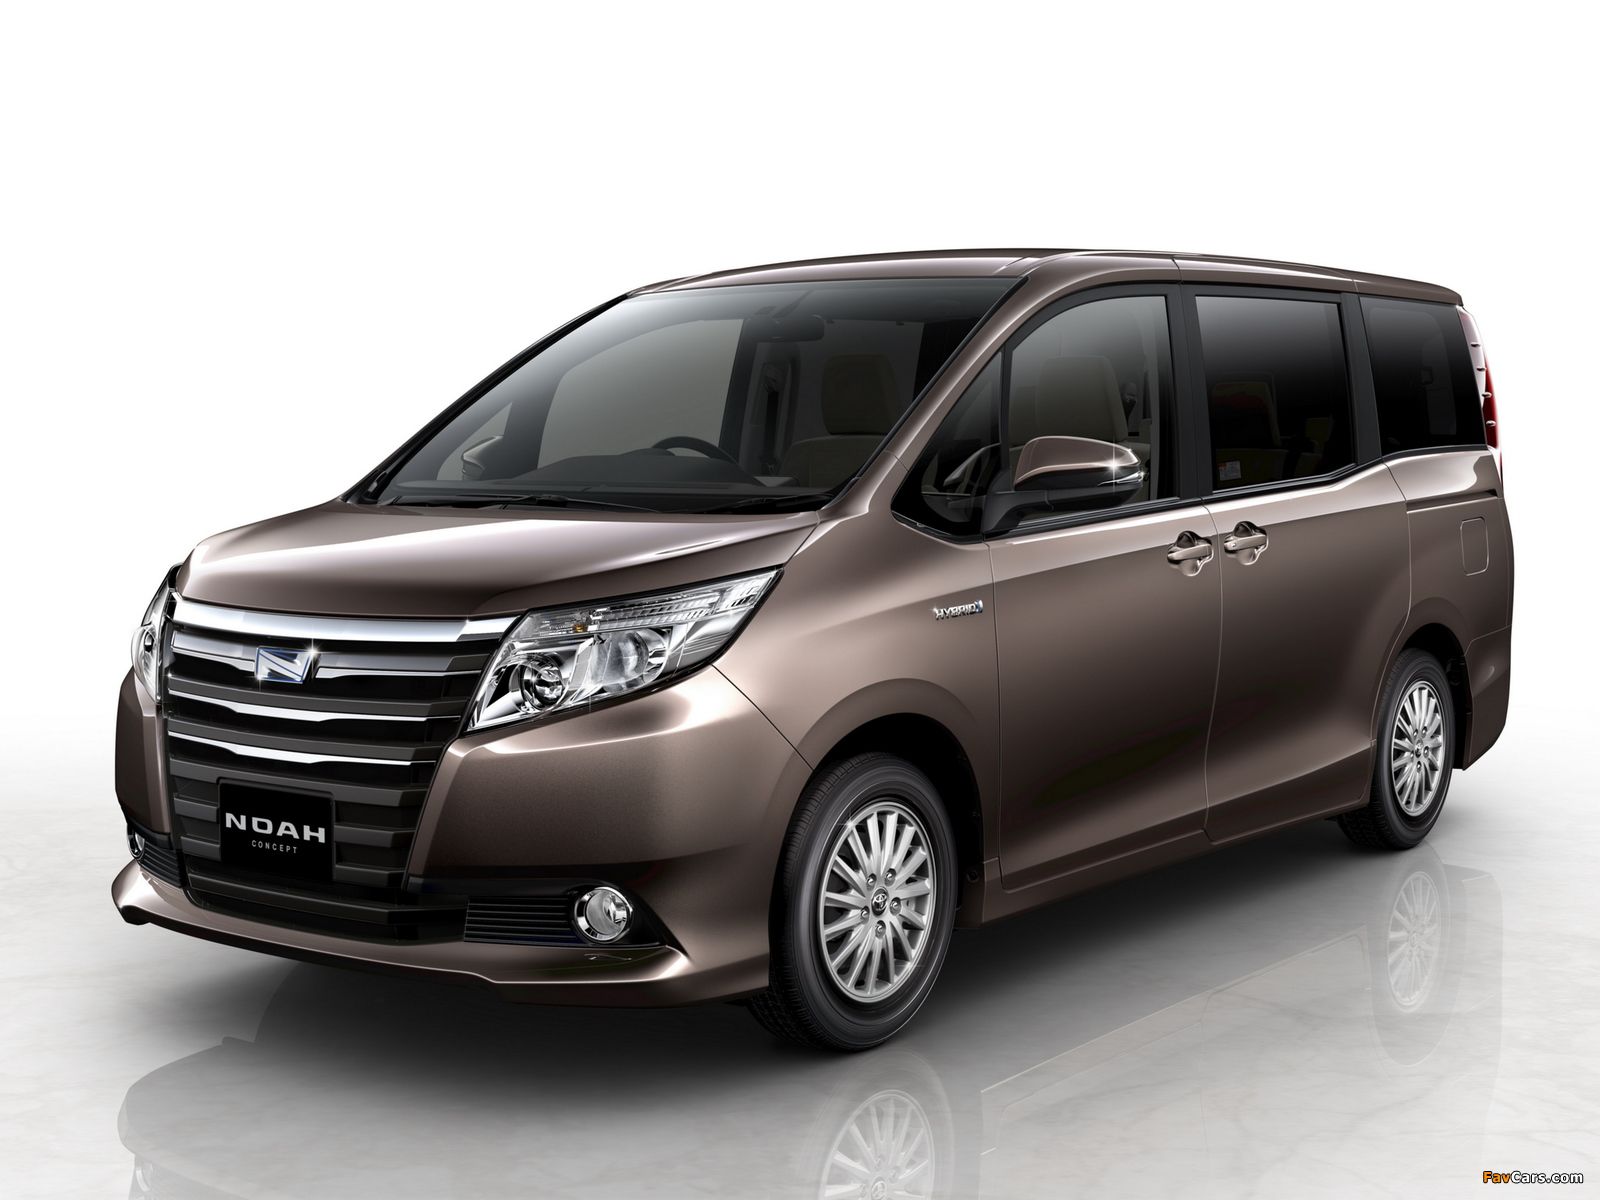 Toyota Noah Concept 2013 pictures (1600 x 1200)